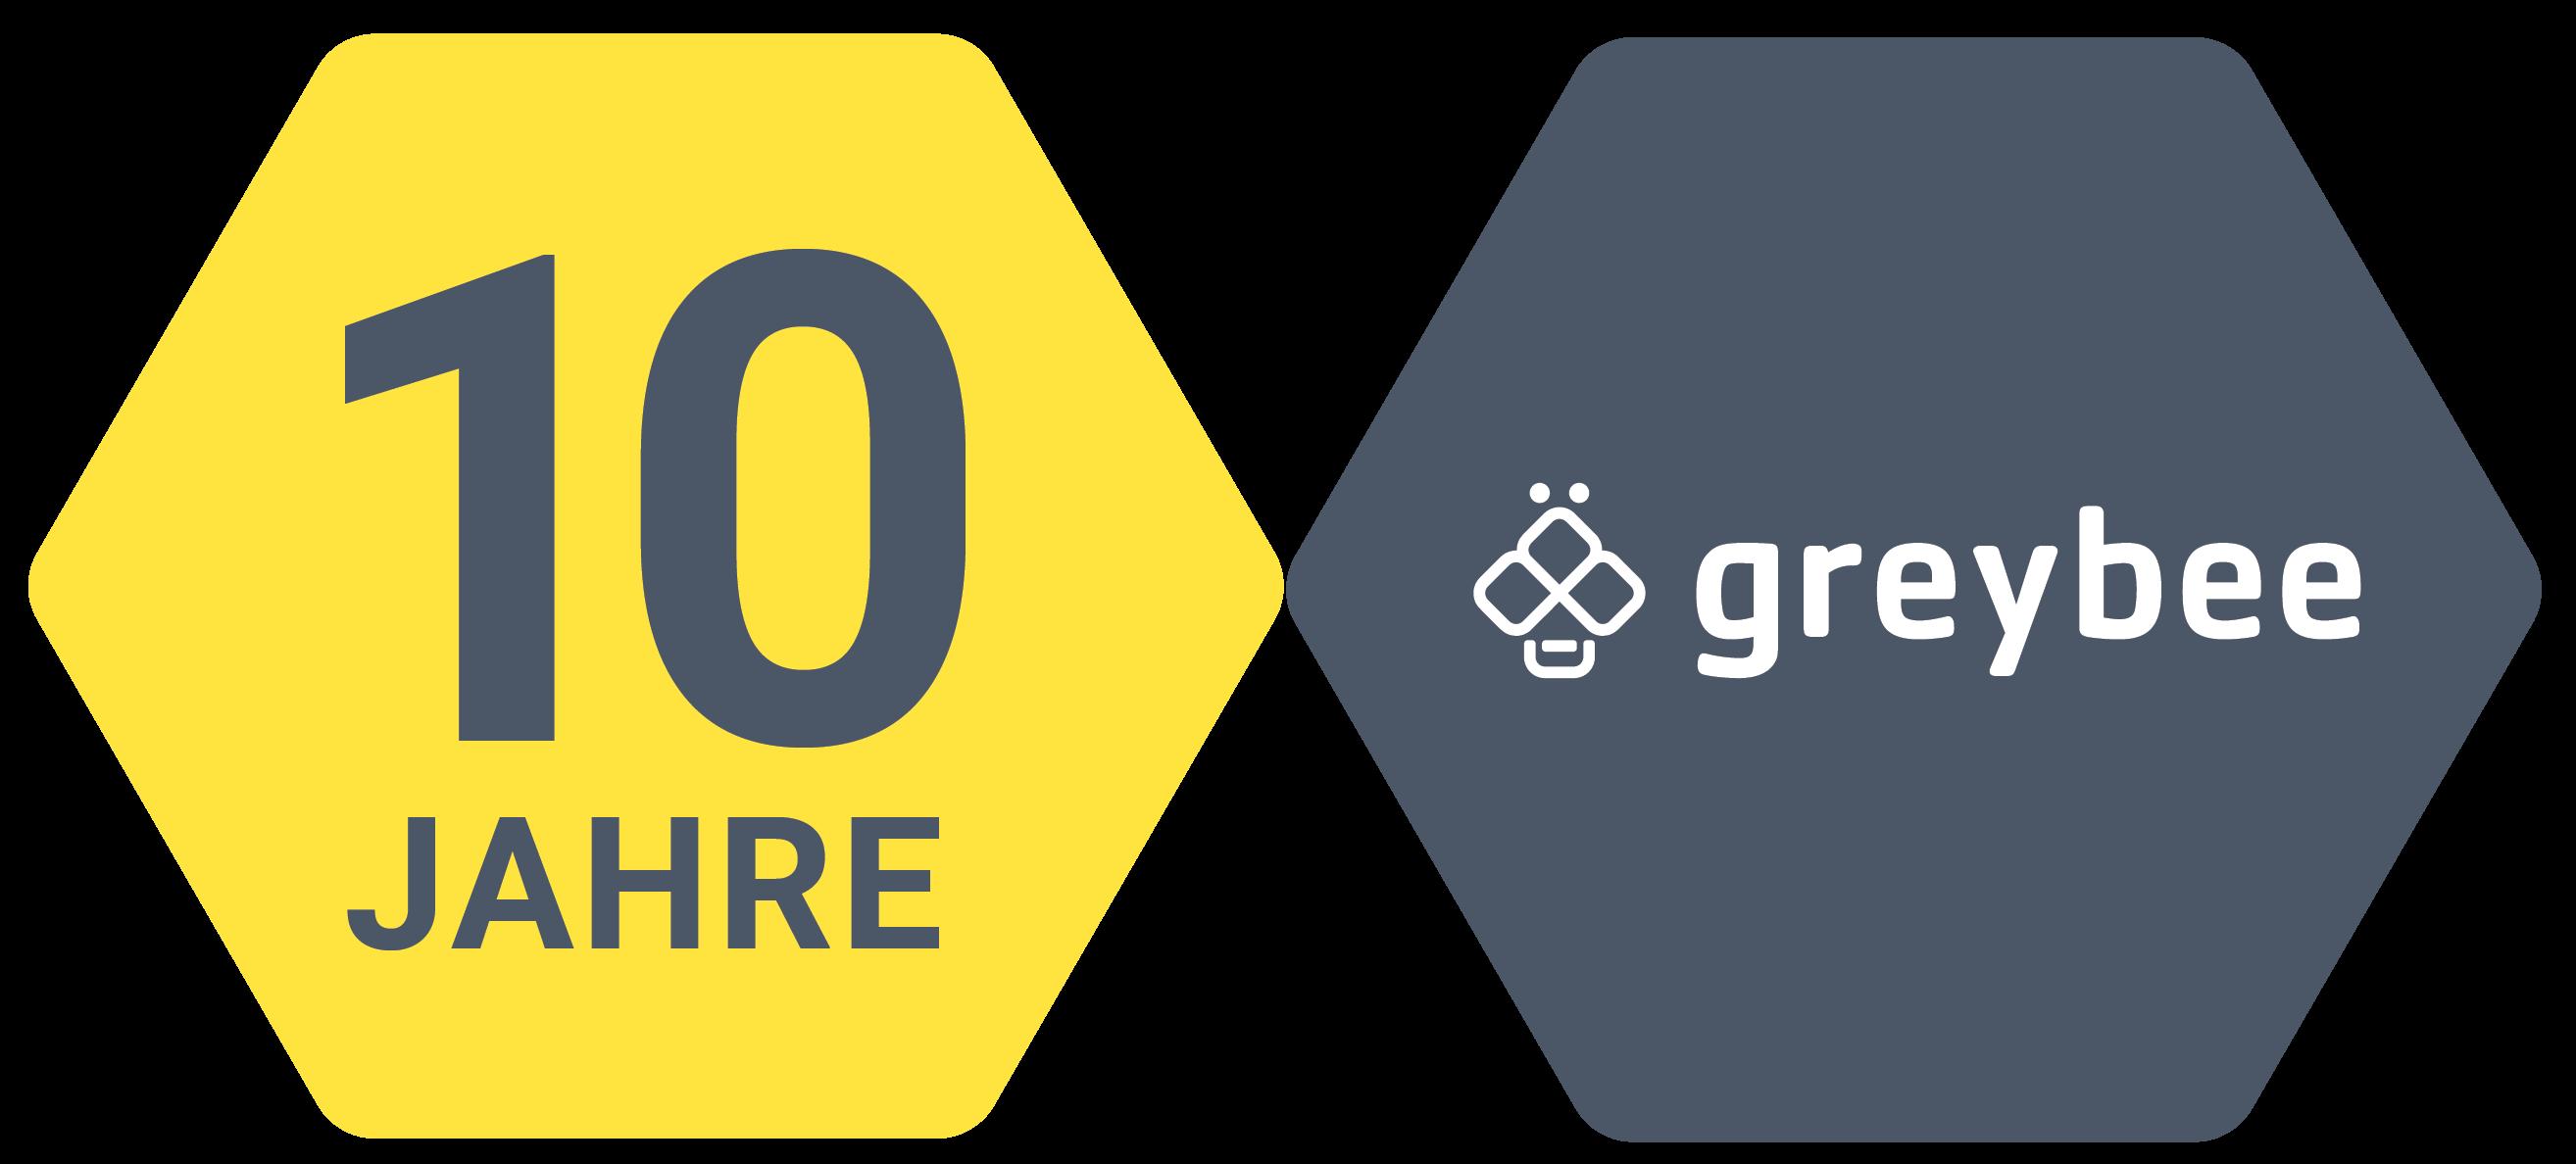 10 jahre greybee